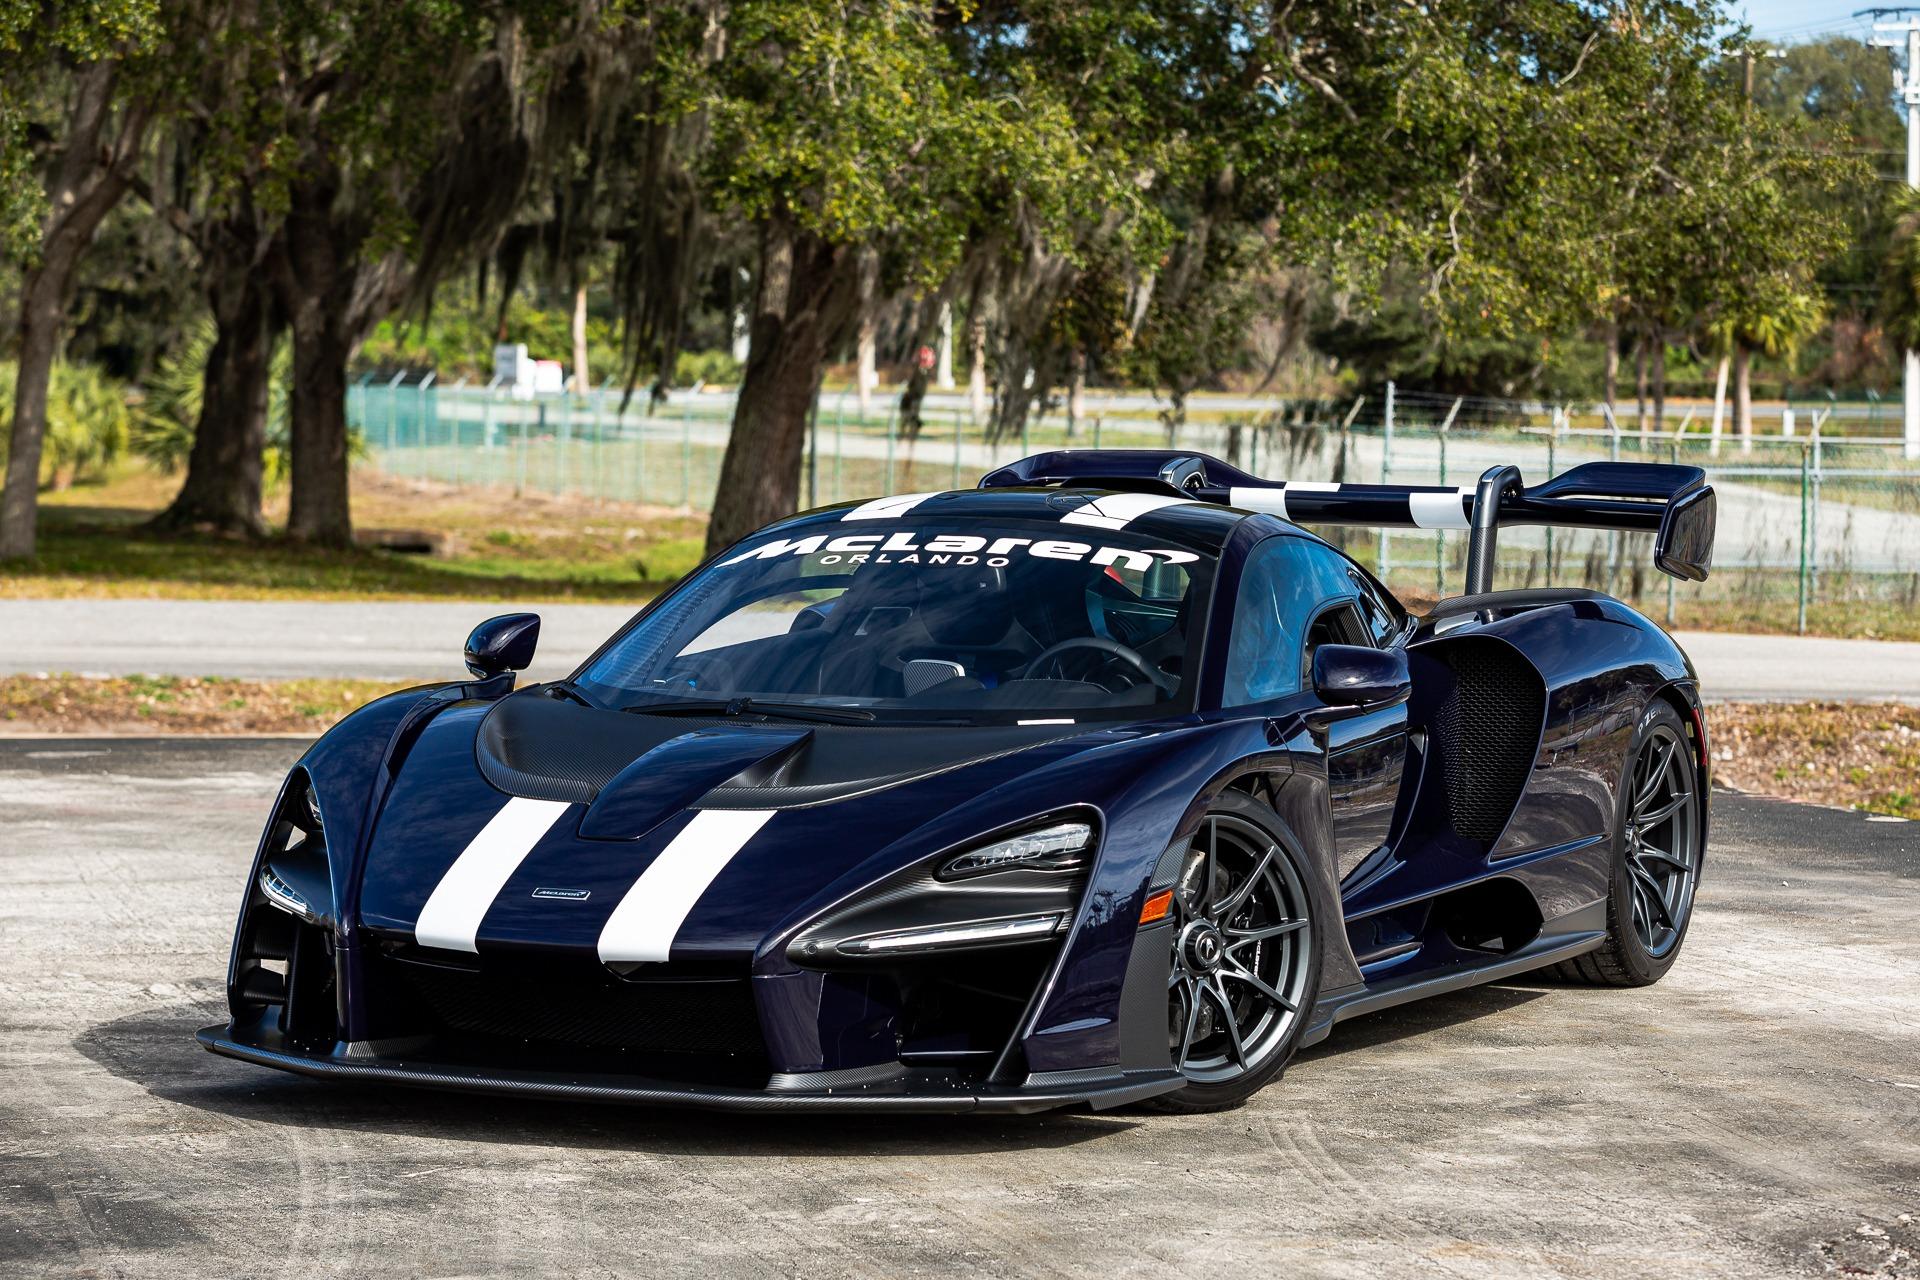 Used 2019 McLaren Senna for sale Call for price at McLaren Orlando LLC in Titusville FL 32780 1